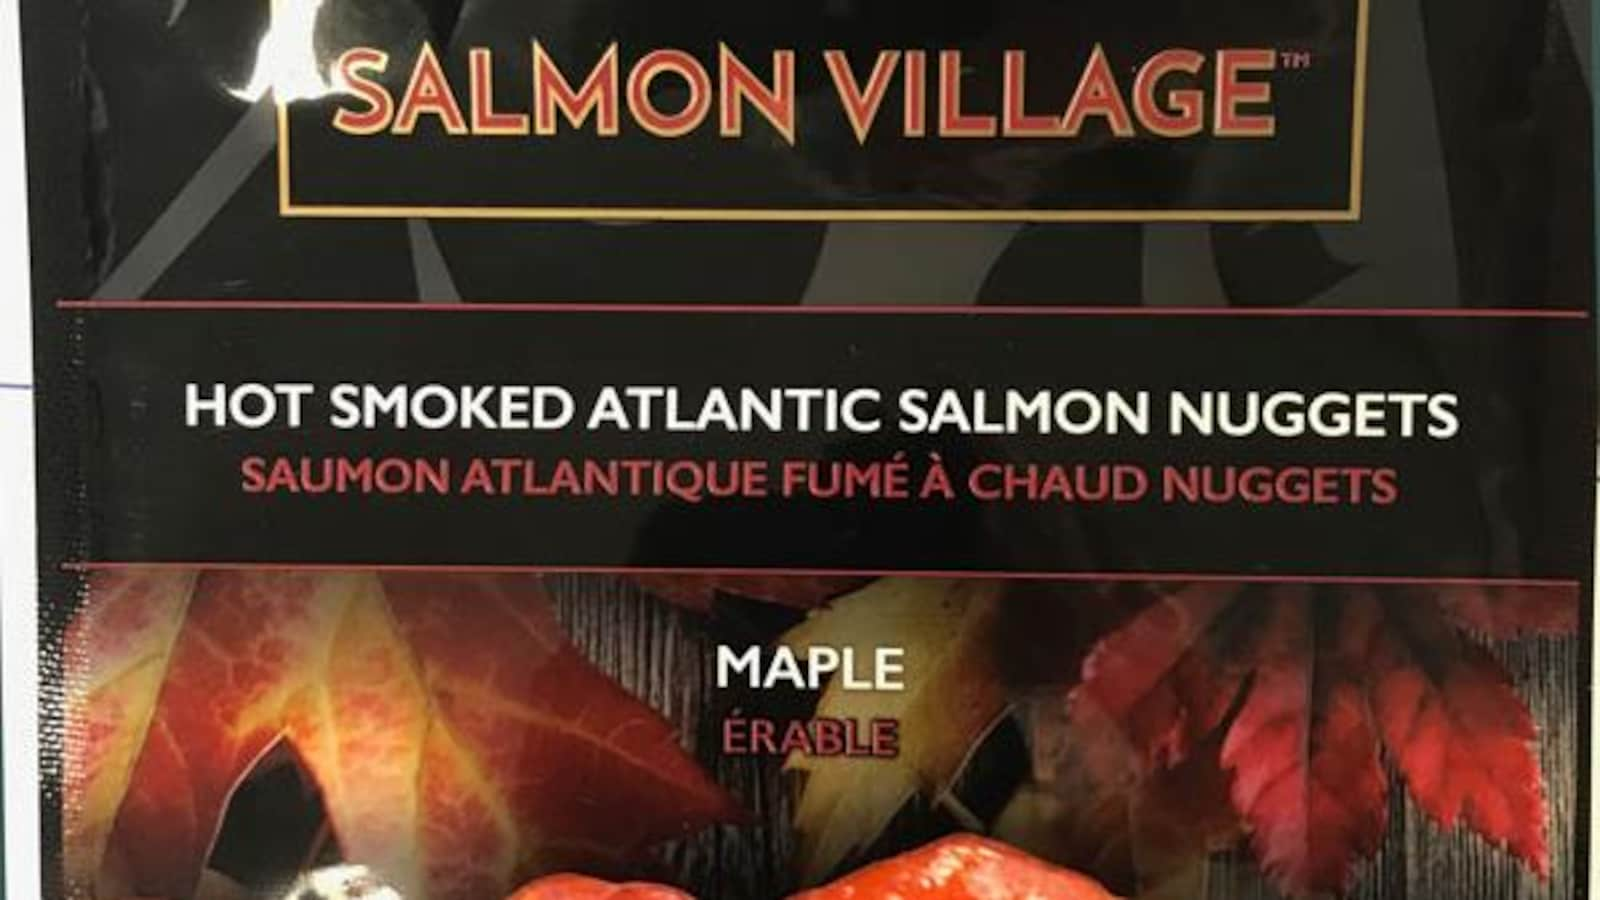 Pépites de saumon fumé à l'érable de marque Salmon Village, format de 150 g.